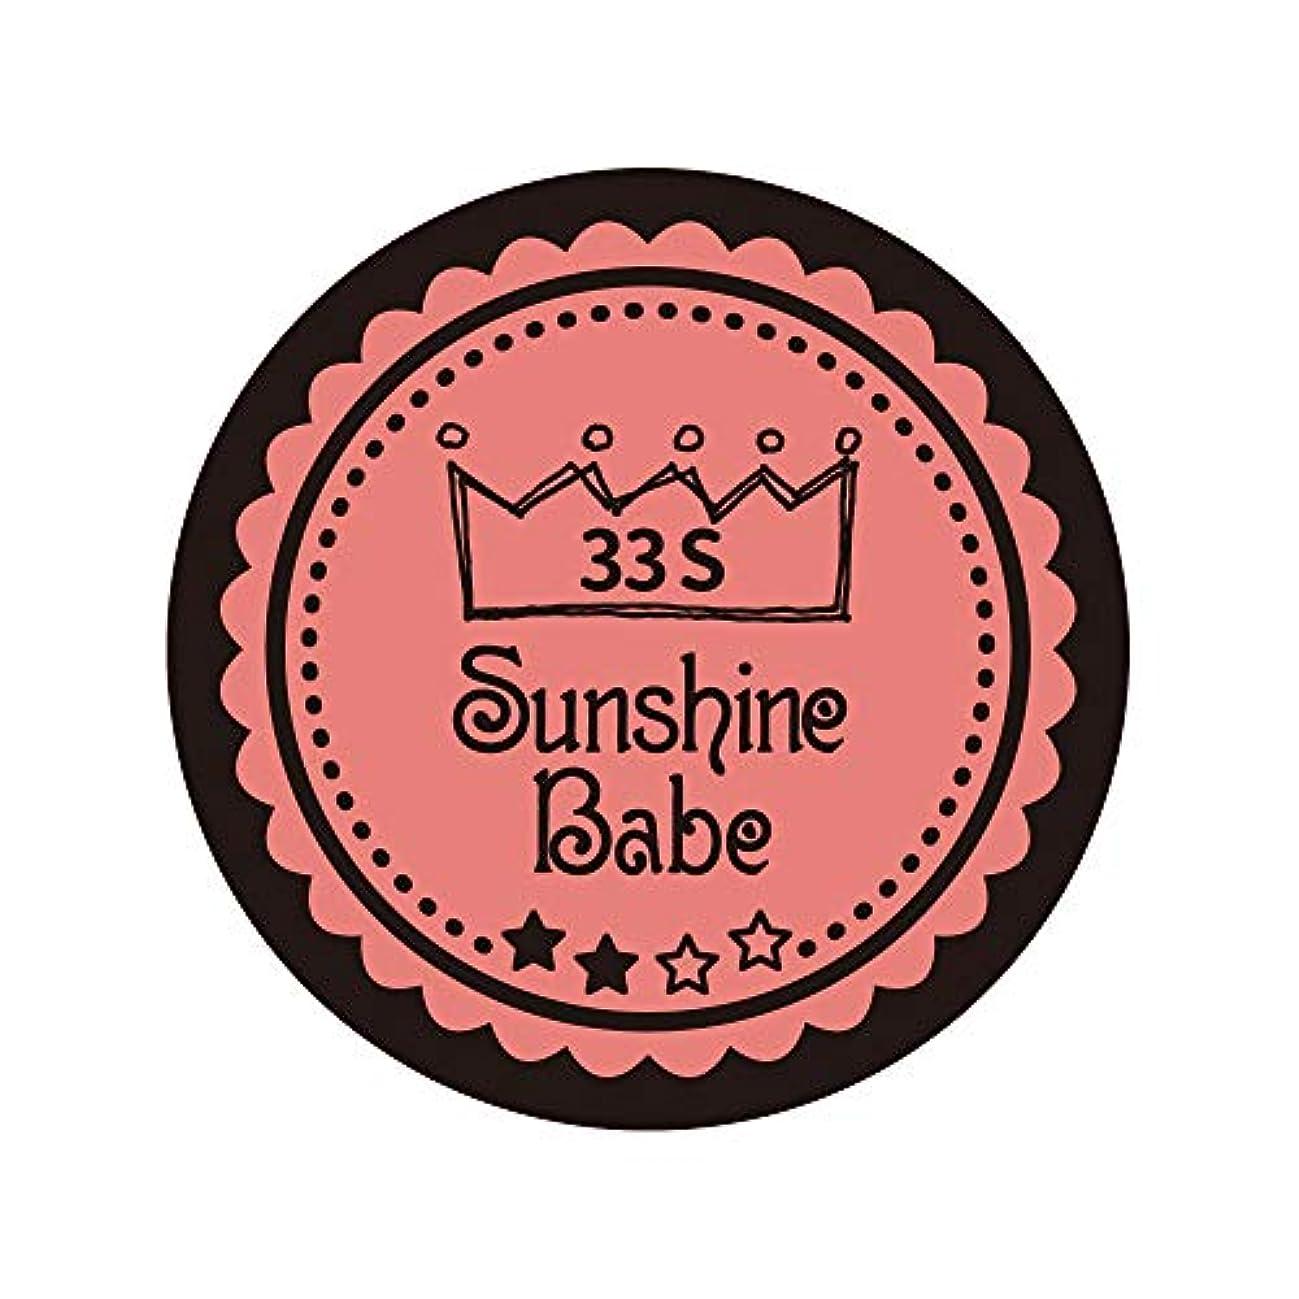 うなり声ブランデー砂Sunshine Babe カラージェル 33S ベイクドコーラルピンク 2.7g UV/LED対応